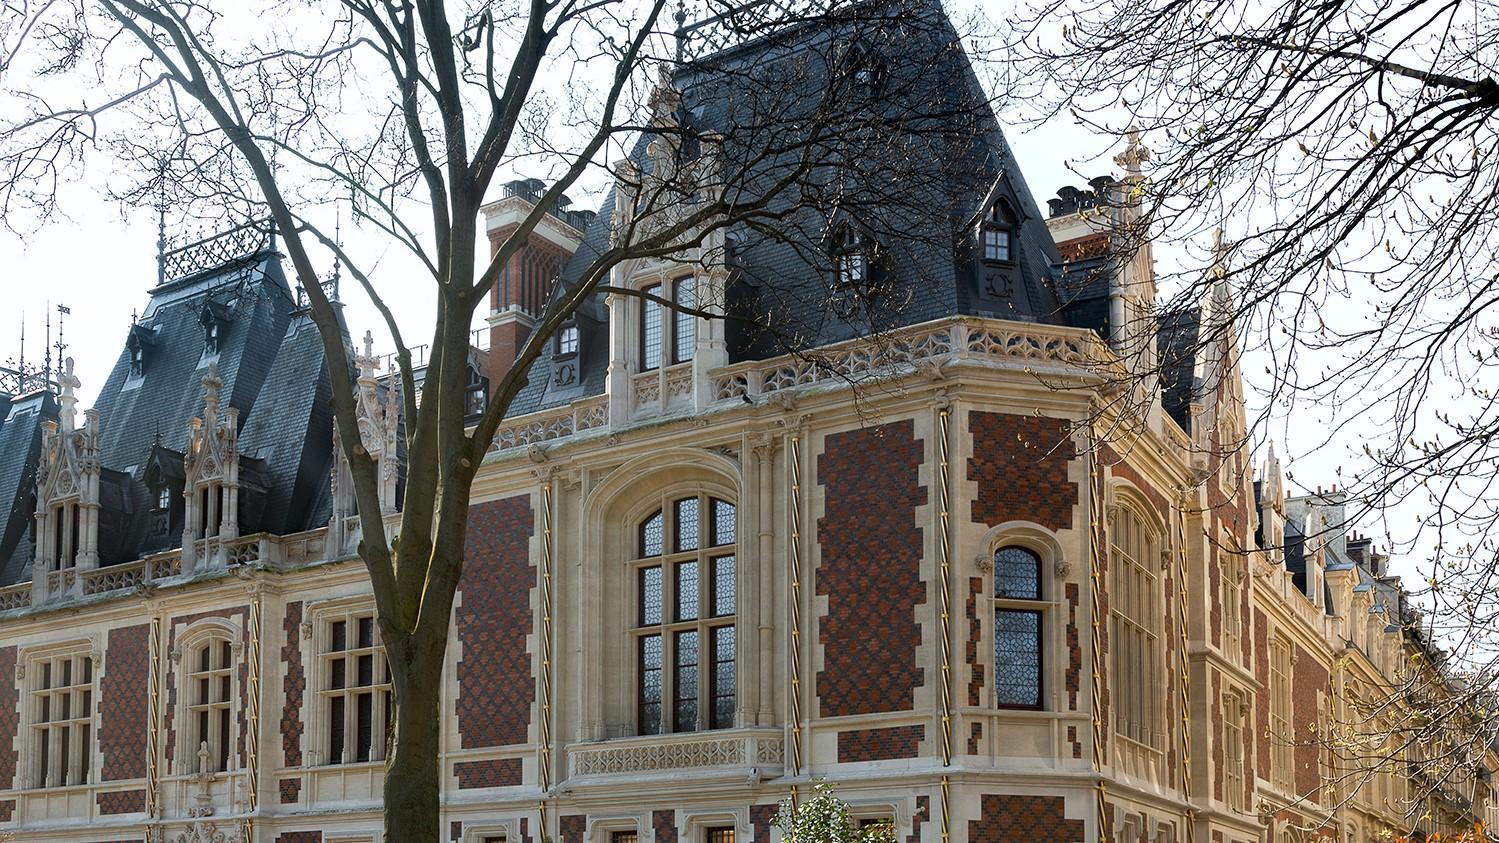 L'hôtel Gaillard au style néo-renaissance, propriété de la Banque de France place du Général Catroux à l'angle des rues Berger et de Than à Paris (17e). Inspiré par le château de Blois il se distingue par ses toits élancés, ses fines tourelles, ses gouttières torsadées et dorées. A lui seul, il vaut le déplacement - DR : Charlotte Donker/Citéco